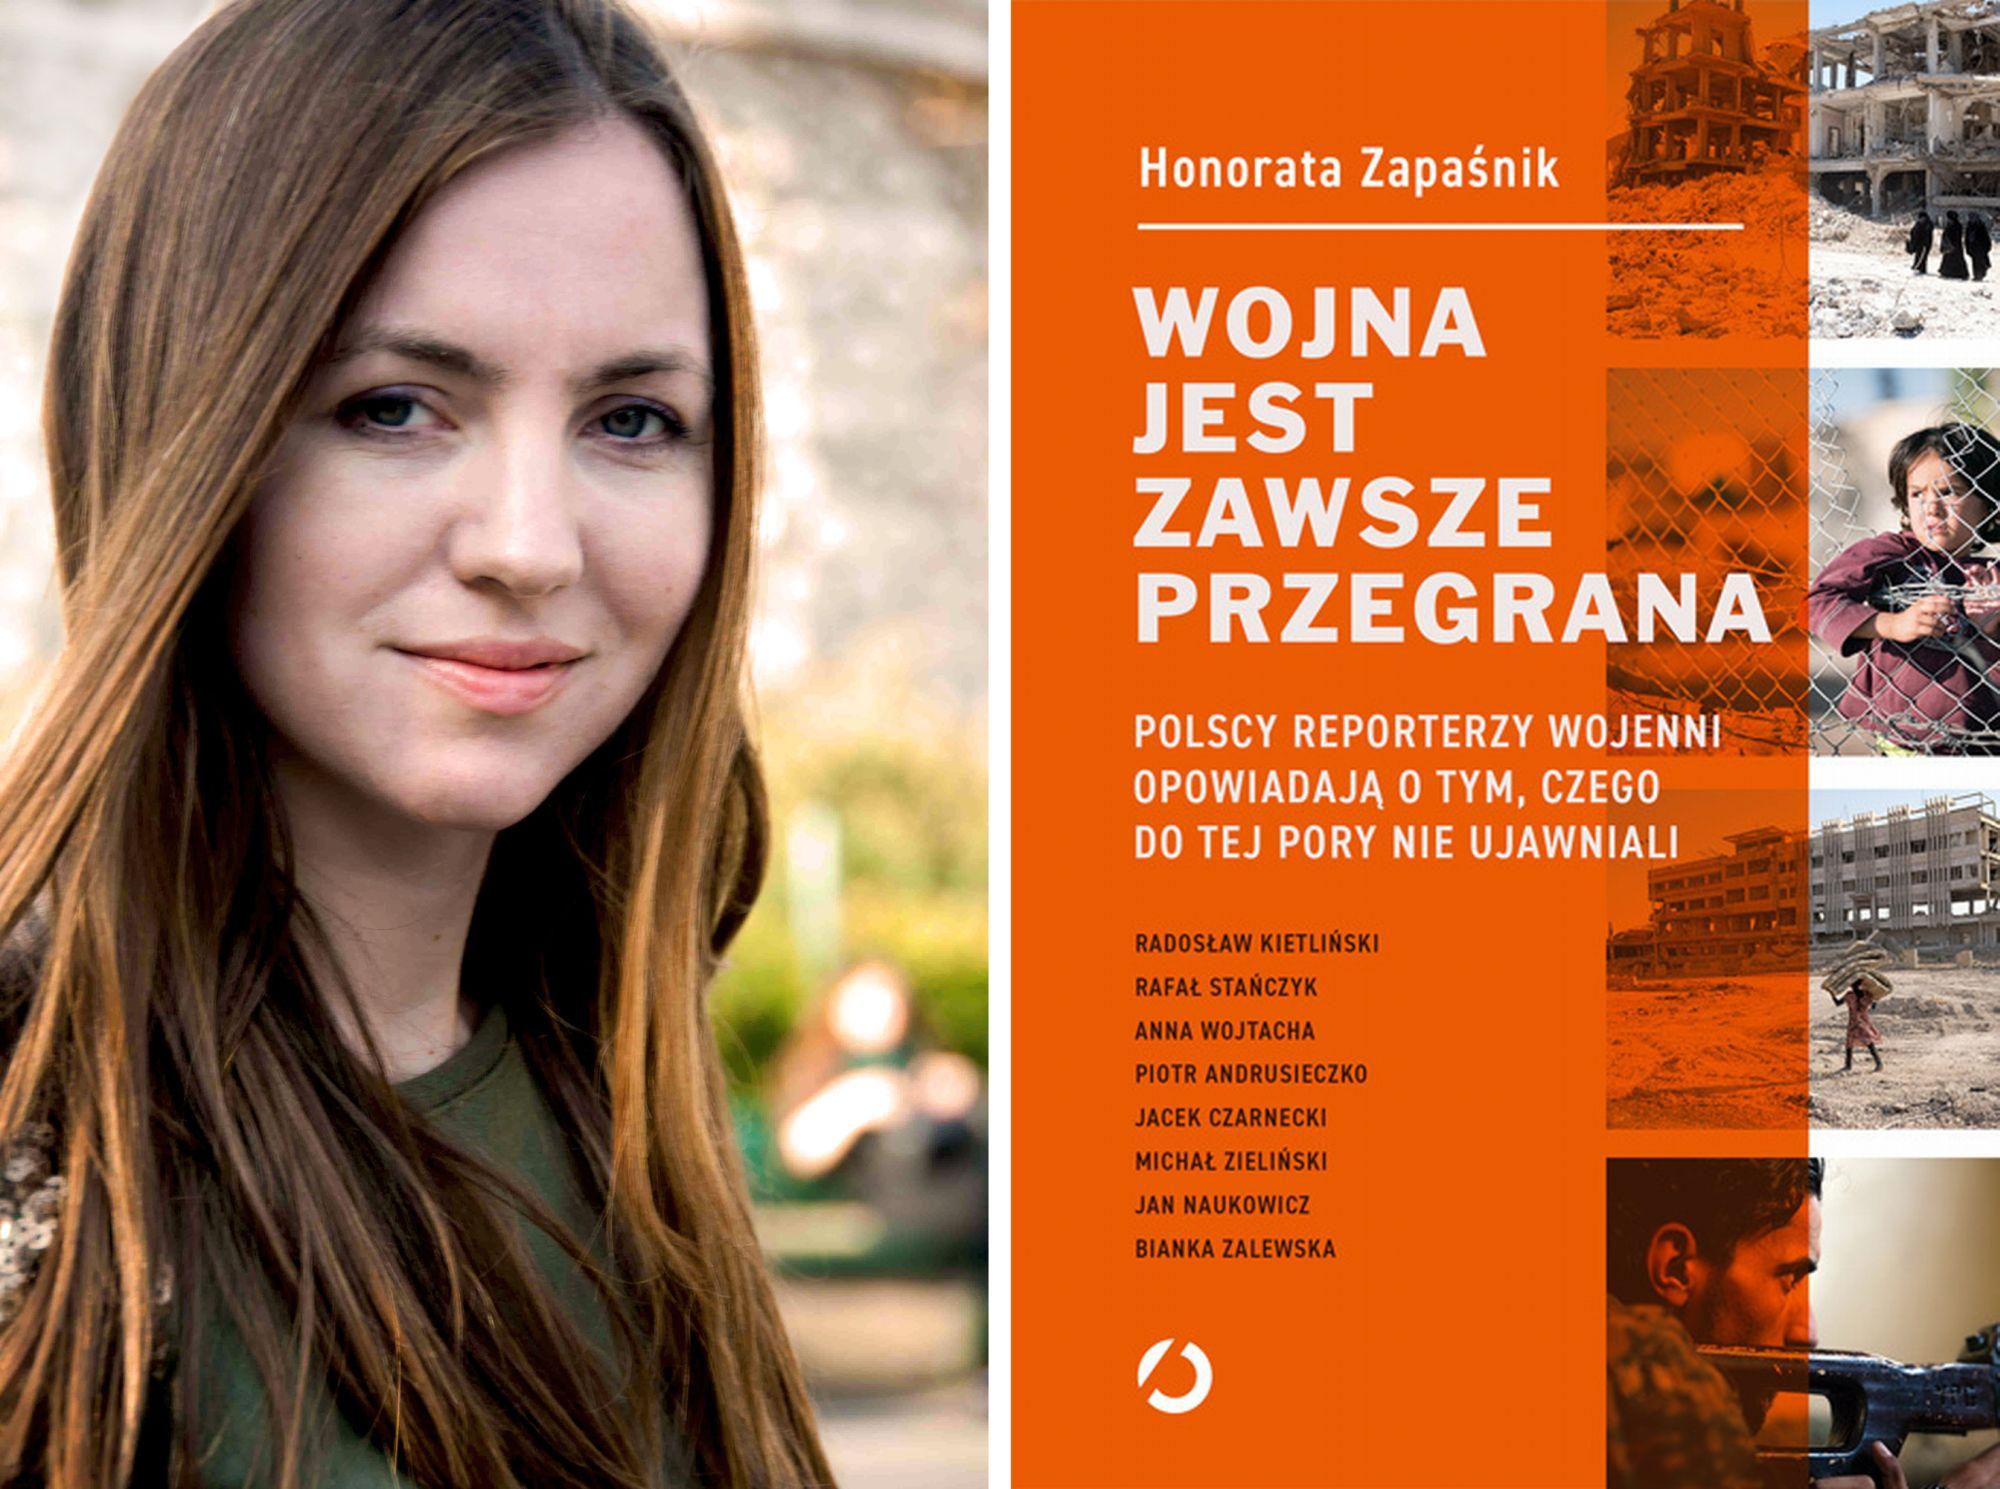 Honorata Zapaśnik i jej książka (fot. materiały prasowe)